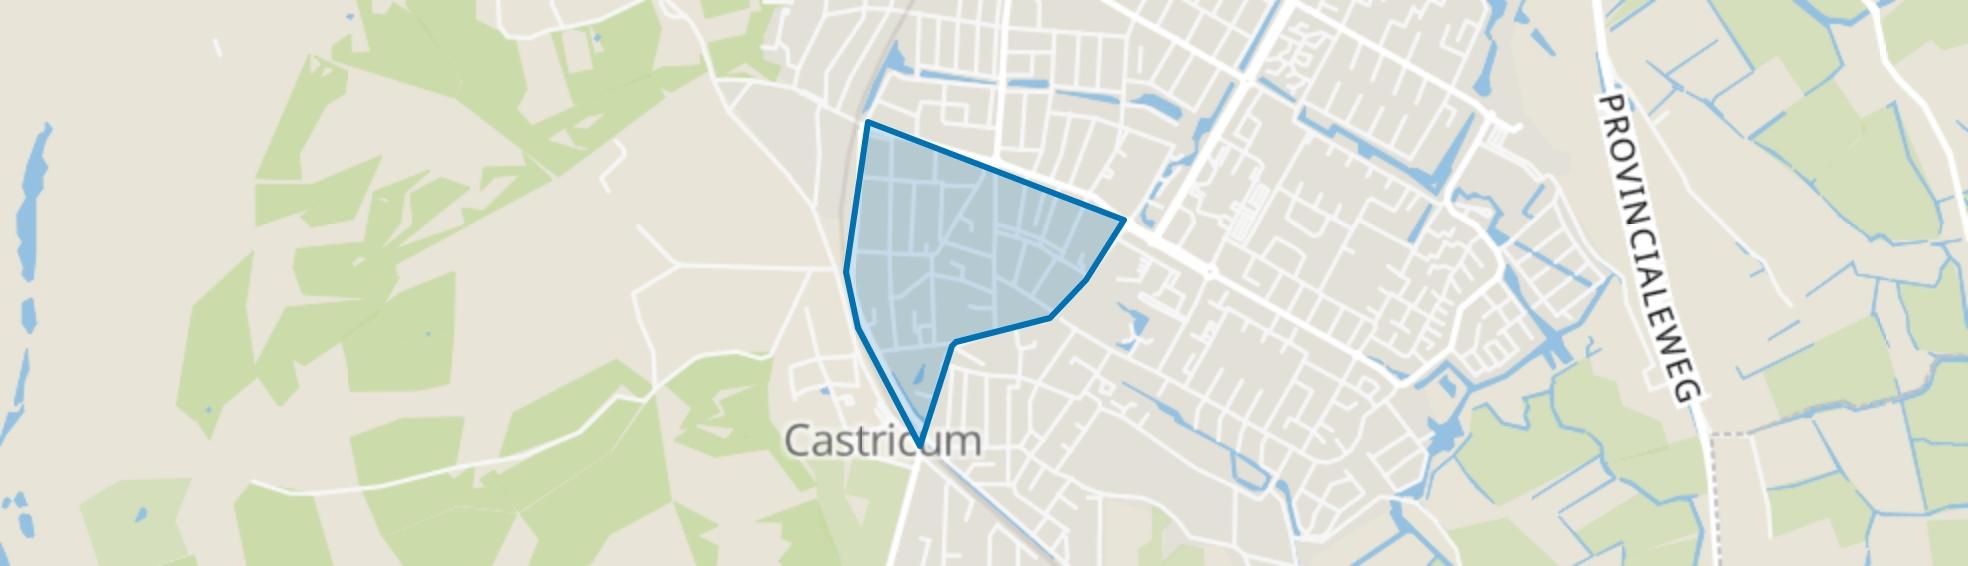 Centrum-Noord, Castricum map